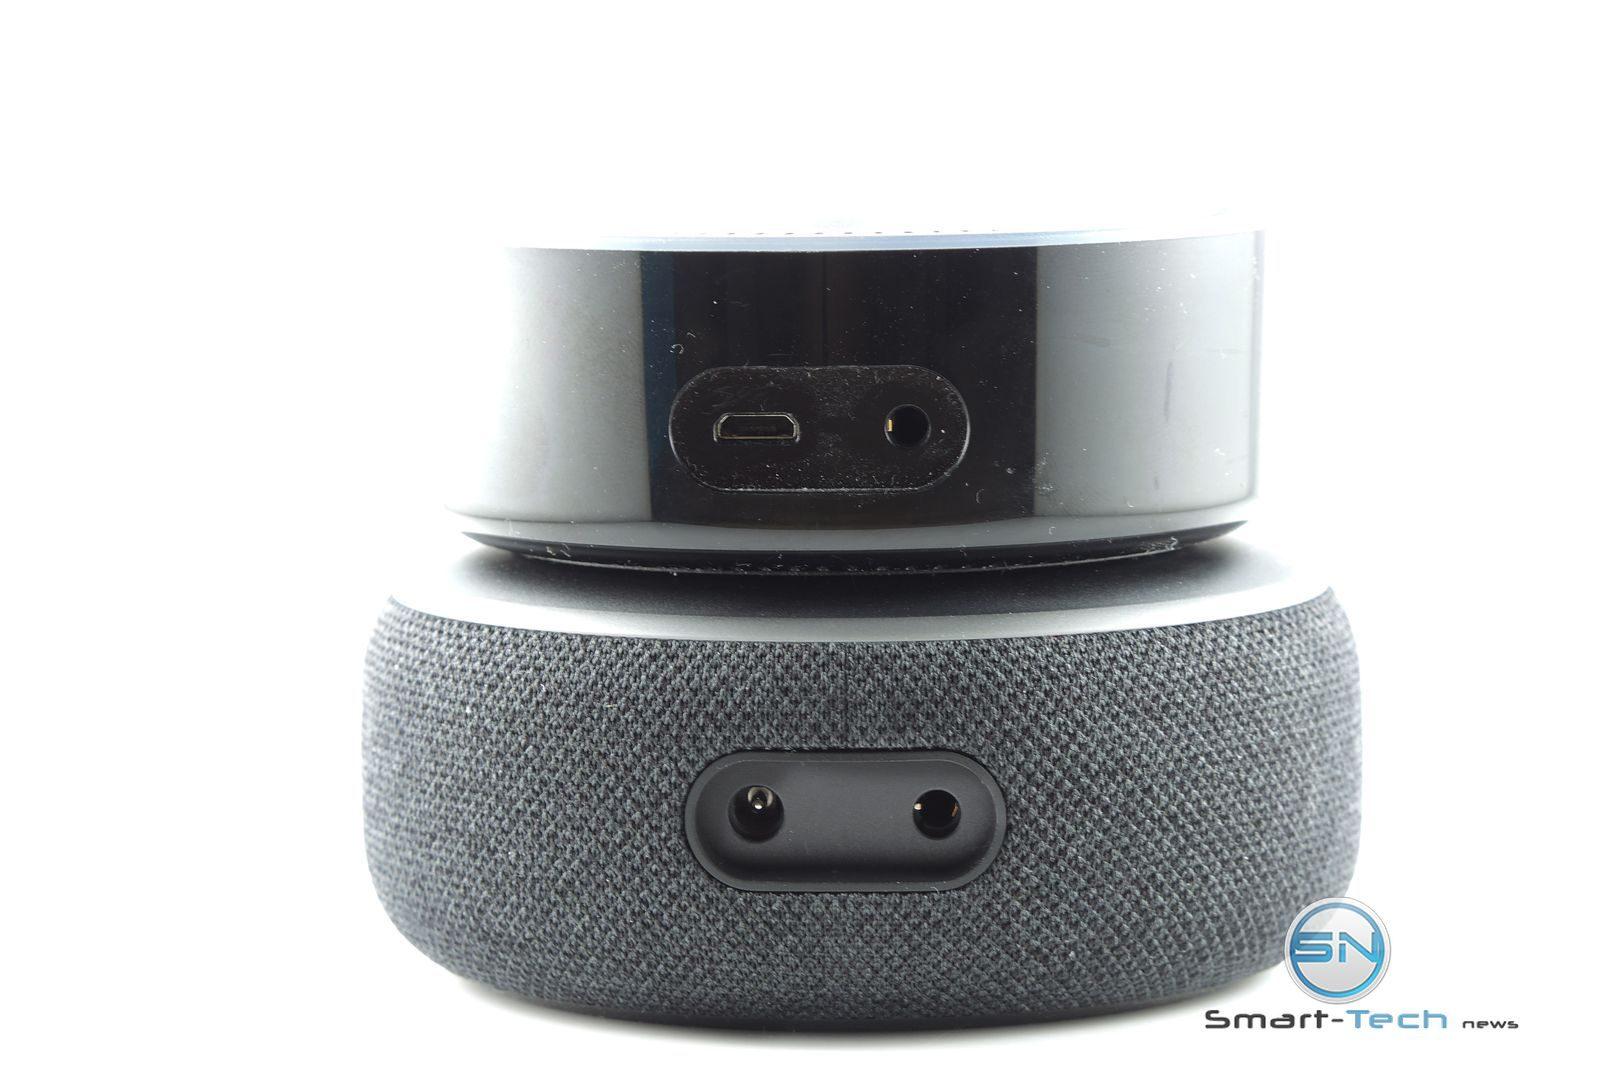 Anschlüsse Amazon Echo Dot 3 vs Dot 2 - SmartTechNews